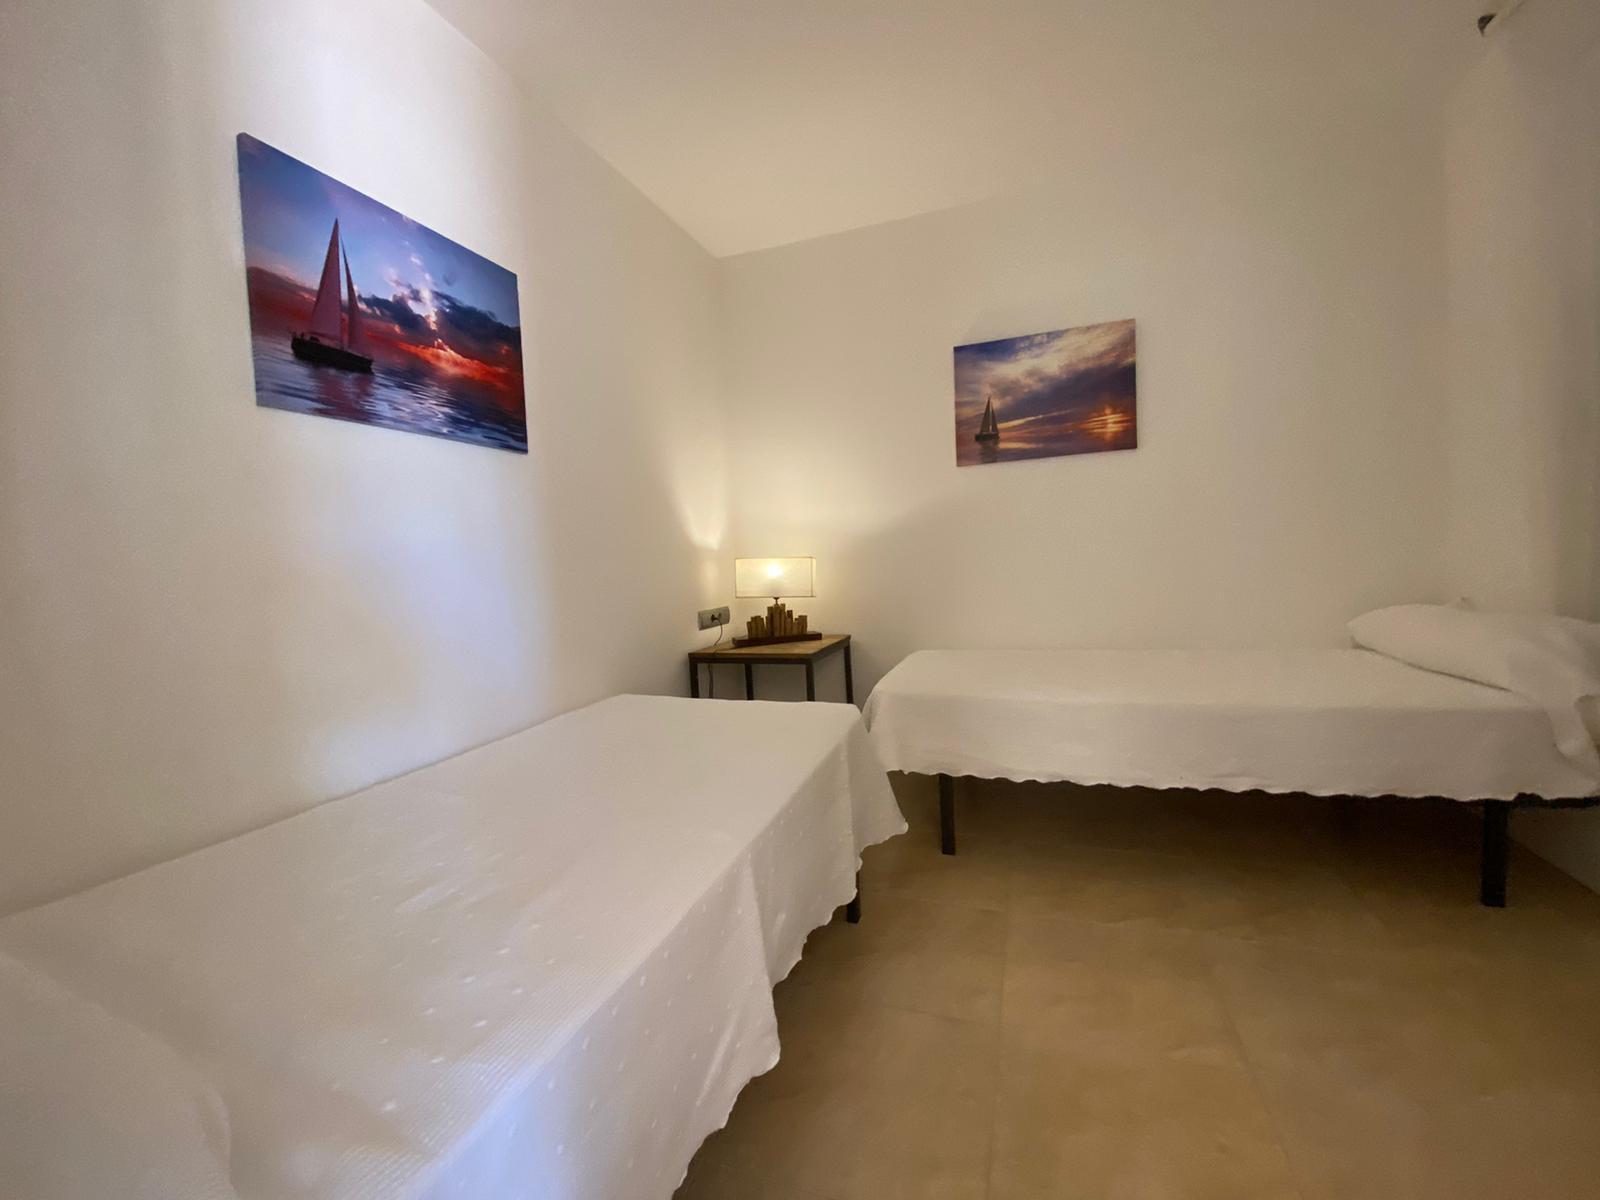 Imagen 24 del Apartamento Turístico, Ático 7 Poniente (3d+2b), Punta del Moral (HUELVA), Paseo de la Cruz nº22